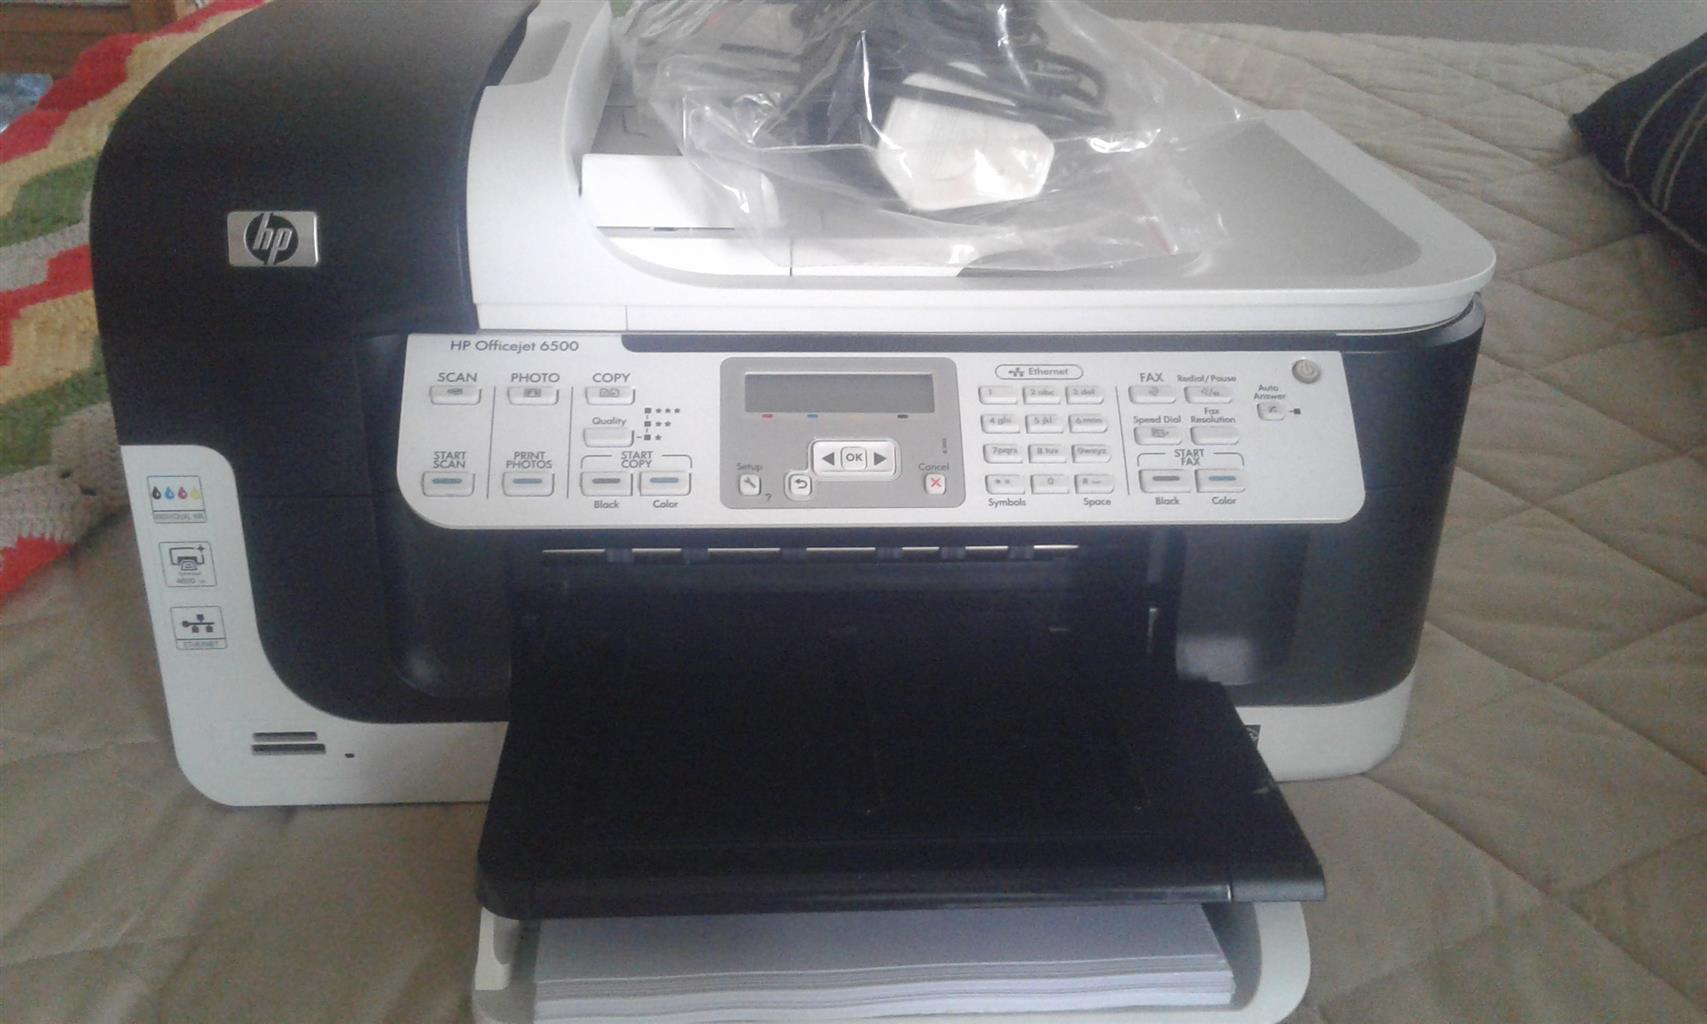 HP Officejet 6500 Printer Combo